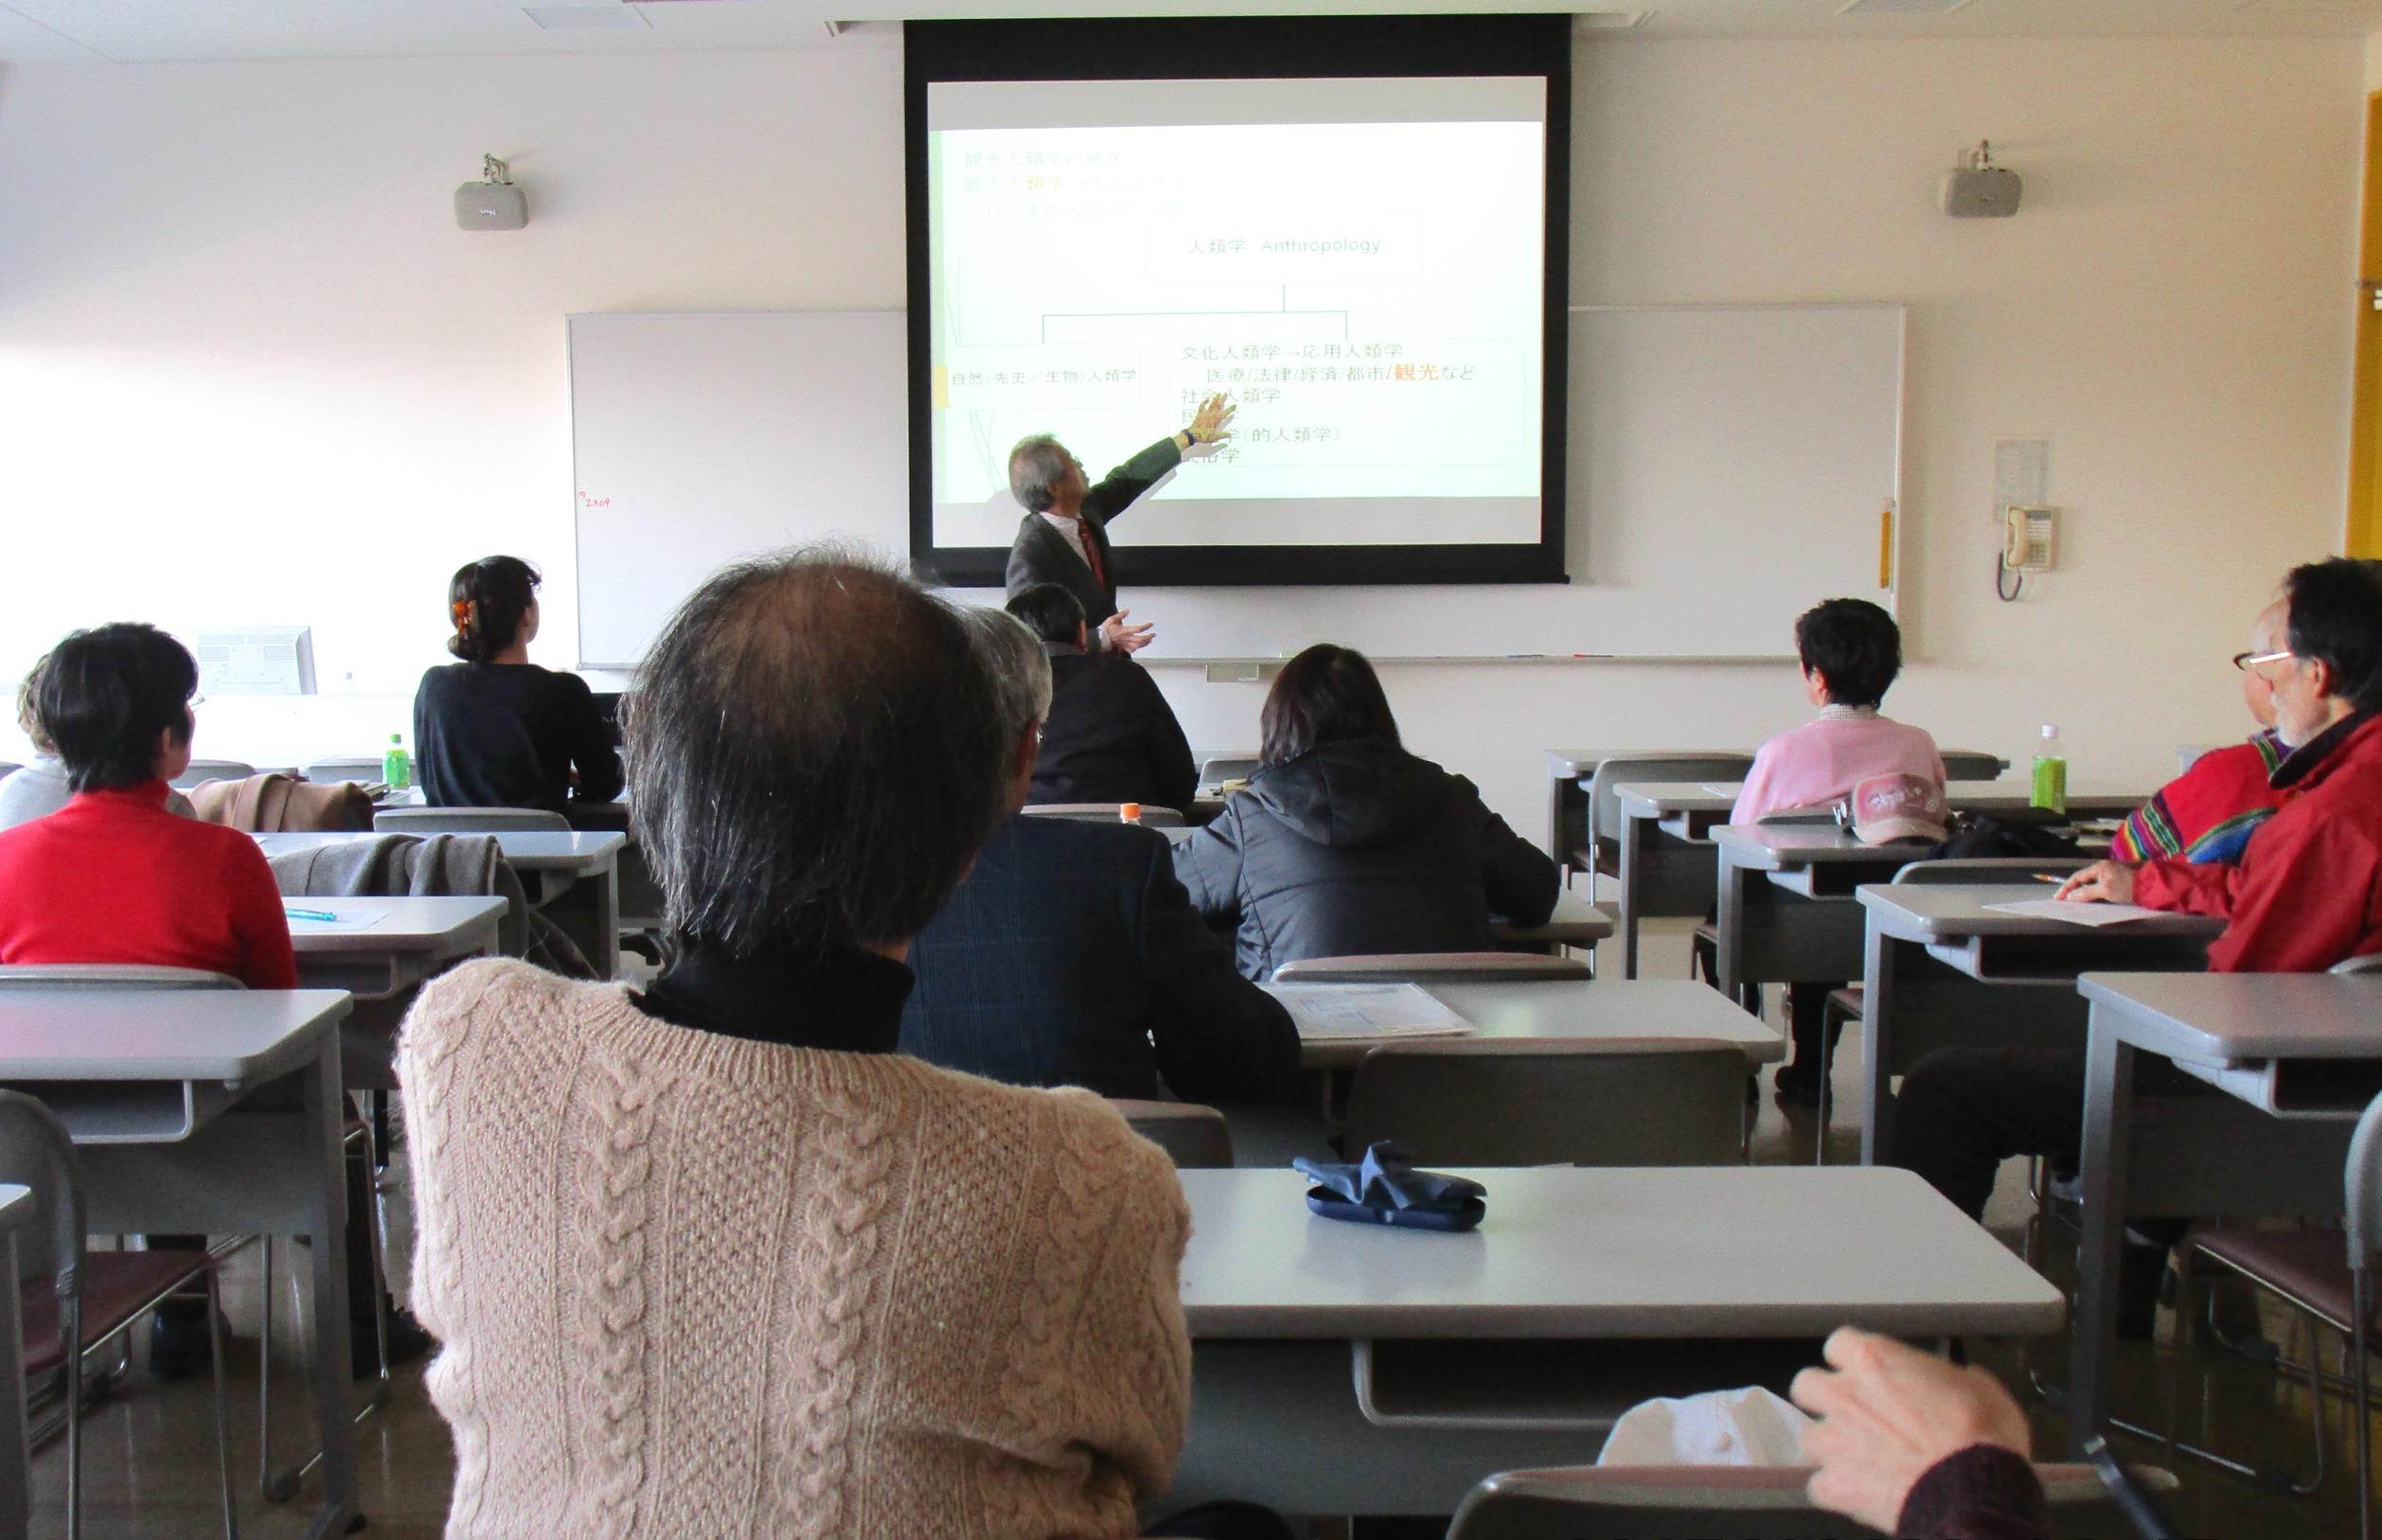 2017.12.02②むなかた大学のまちゼミナール:地域連携室